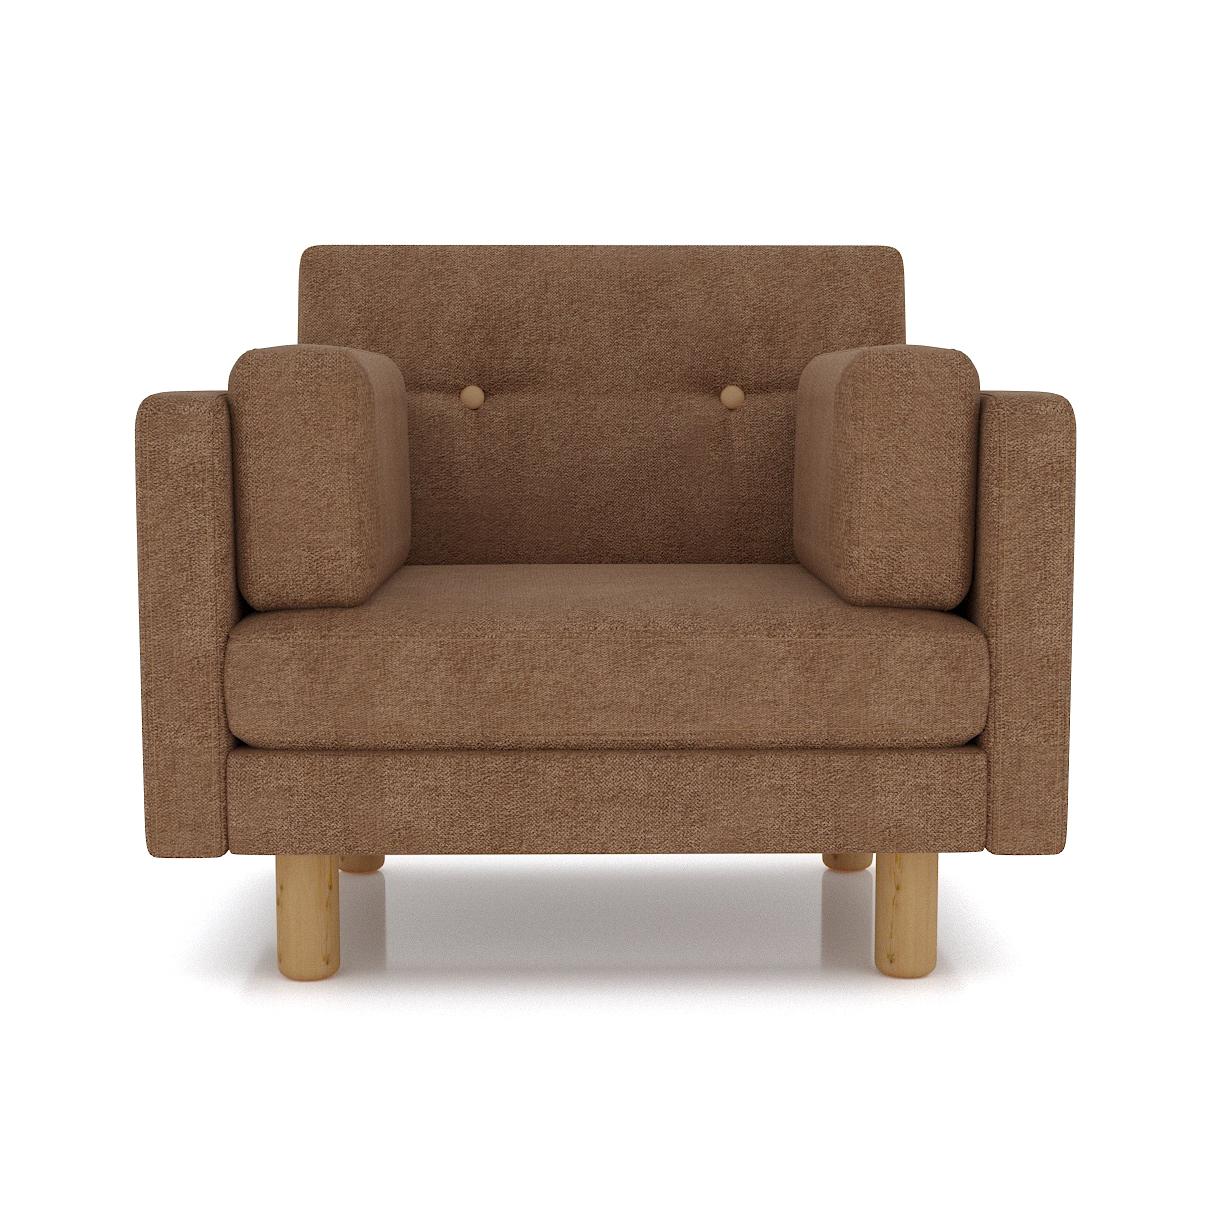 Кресло AS Изабелла м 90x80x83 коричневый